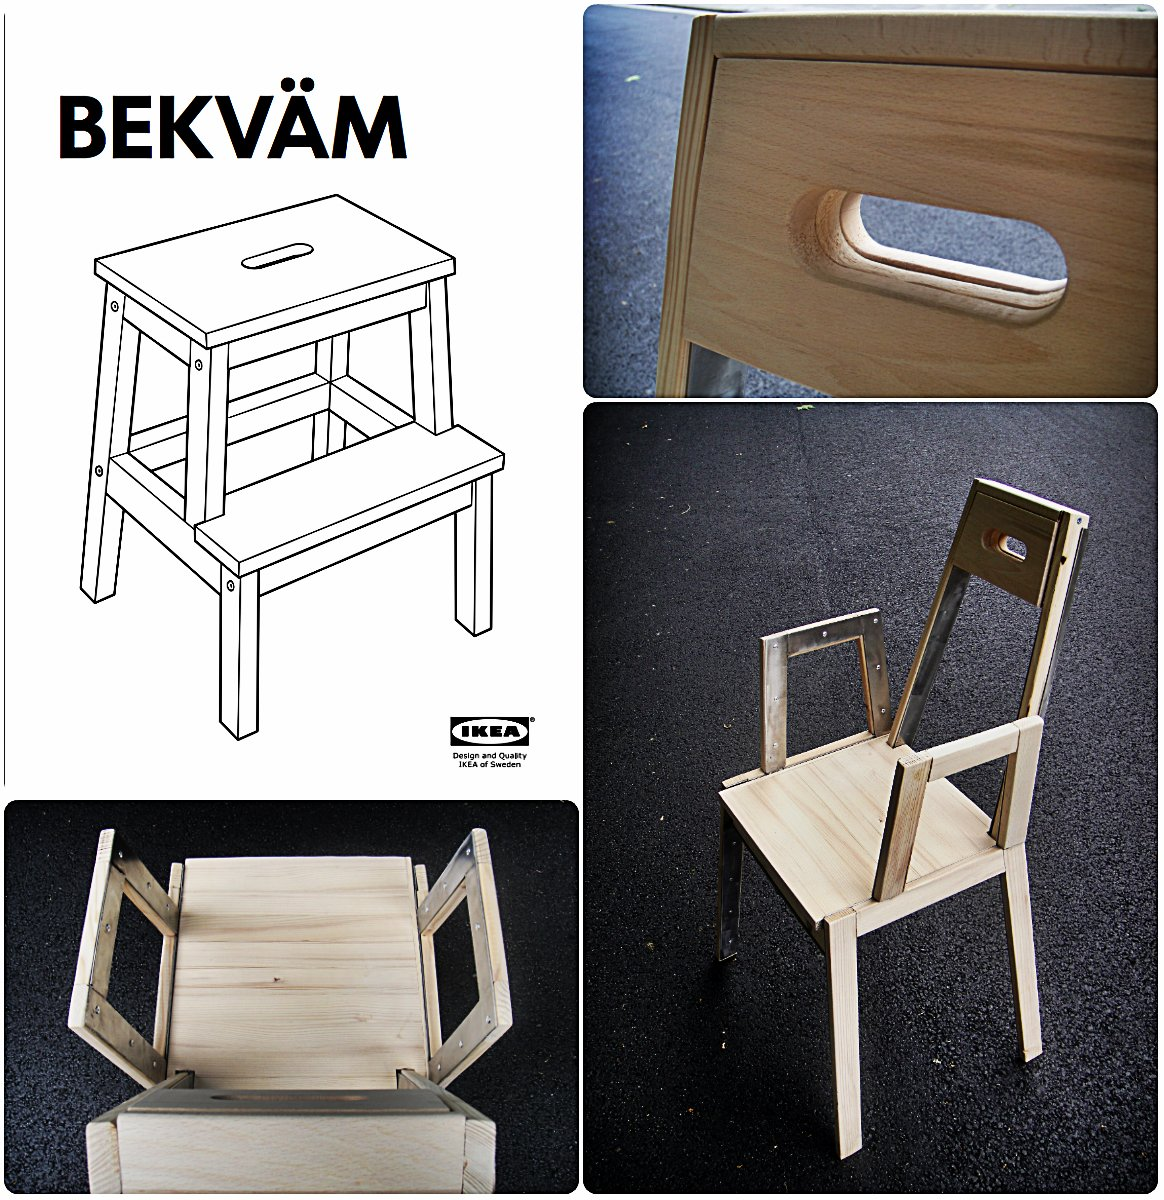 Bekv m chair project ikea hackers ikea hackers - Ikea portaspezie bekvam ...